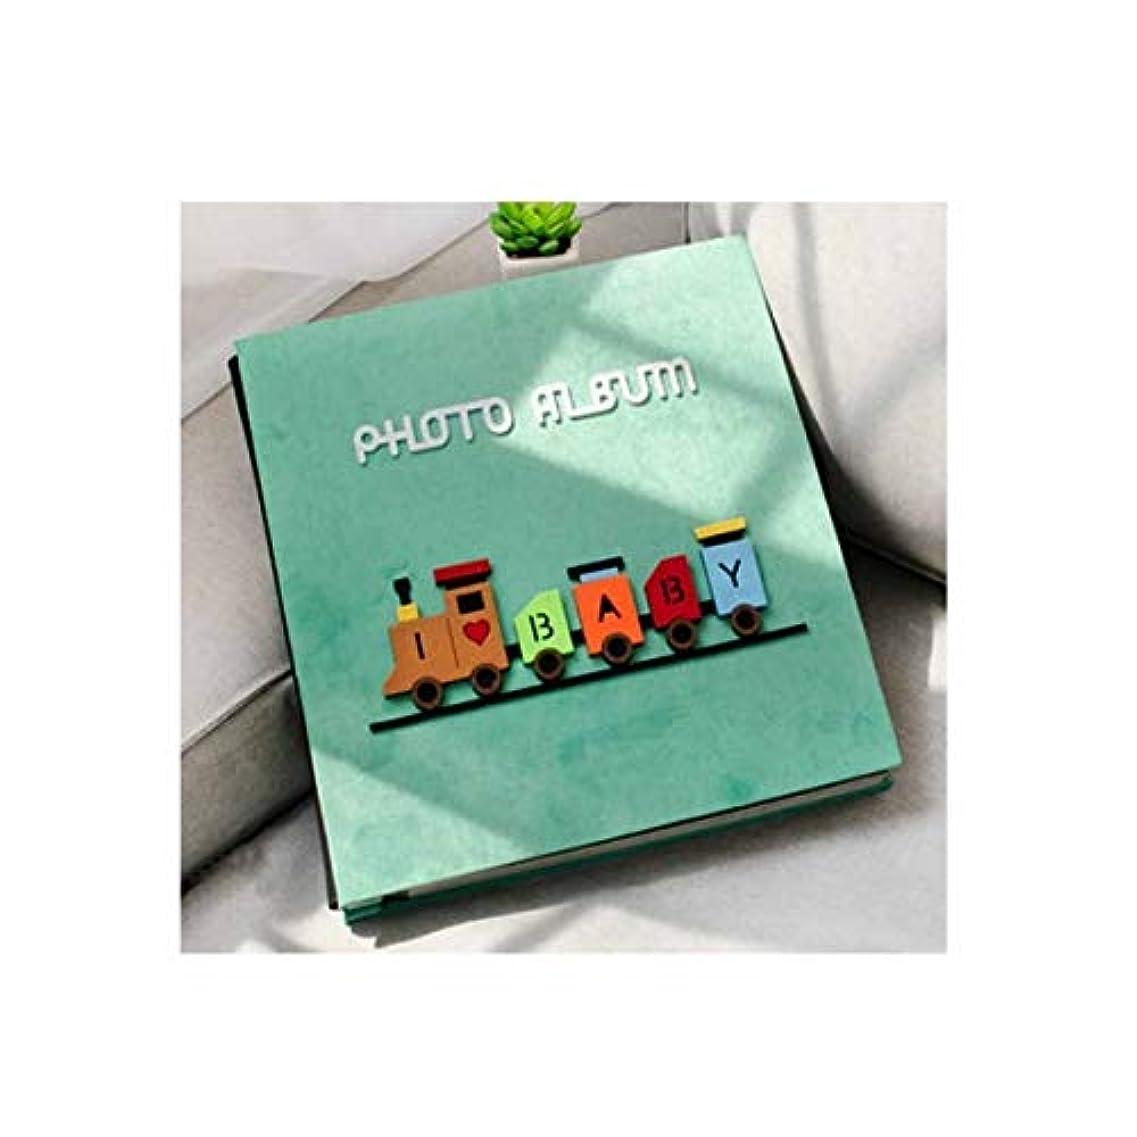 耐久素晴らしいですカリキュラムSLY フォトアルバム、粘着性のある伝統的なフォトアルバム、手作りの漫画の赤ちゃん子供の成長記録簿(400枚の写真を収容可能、グレー) (Color : B)